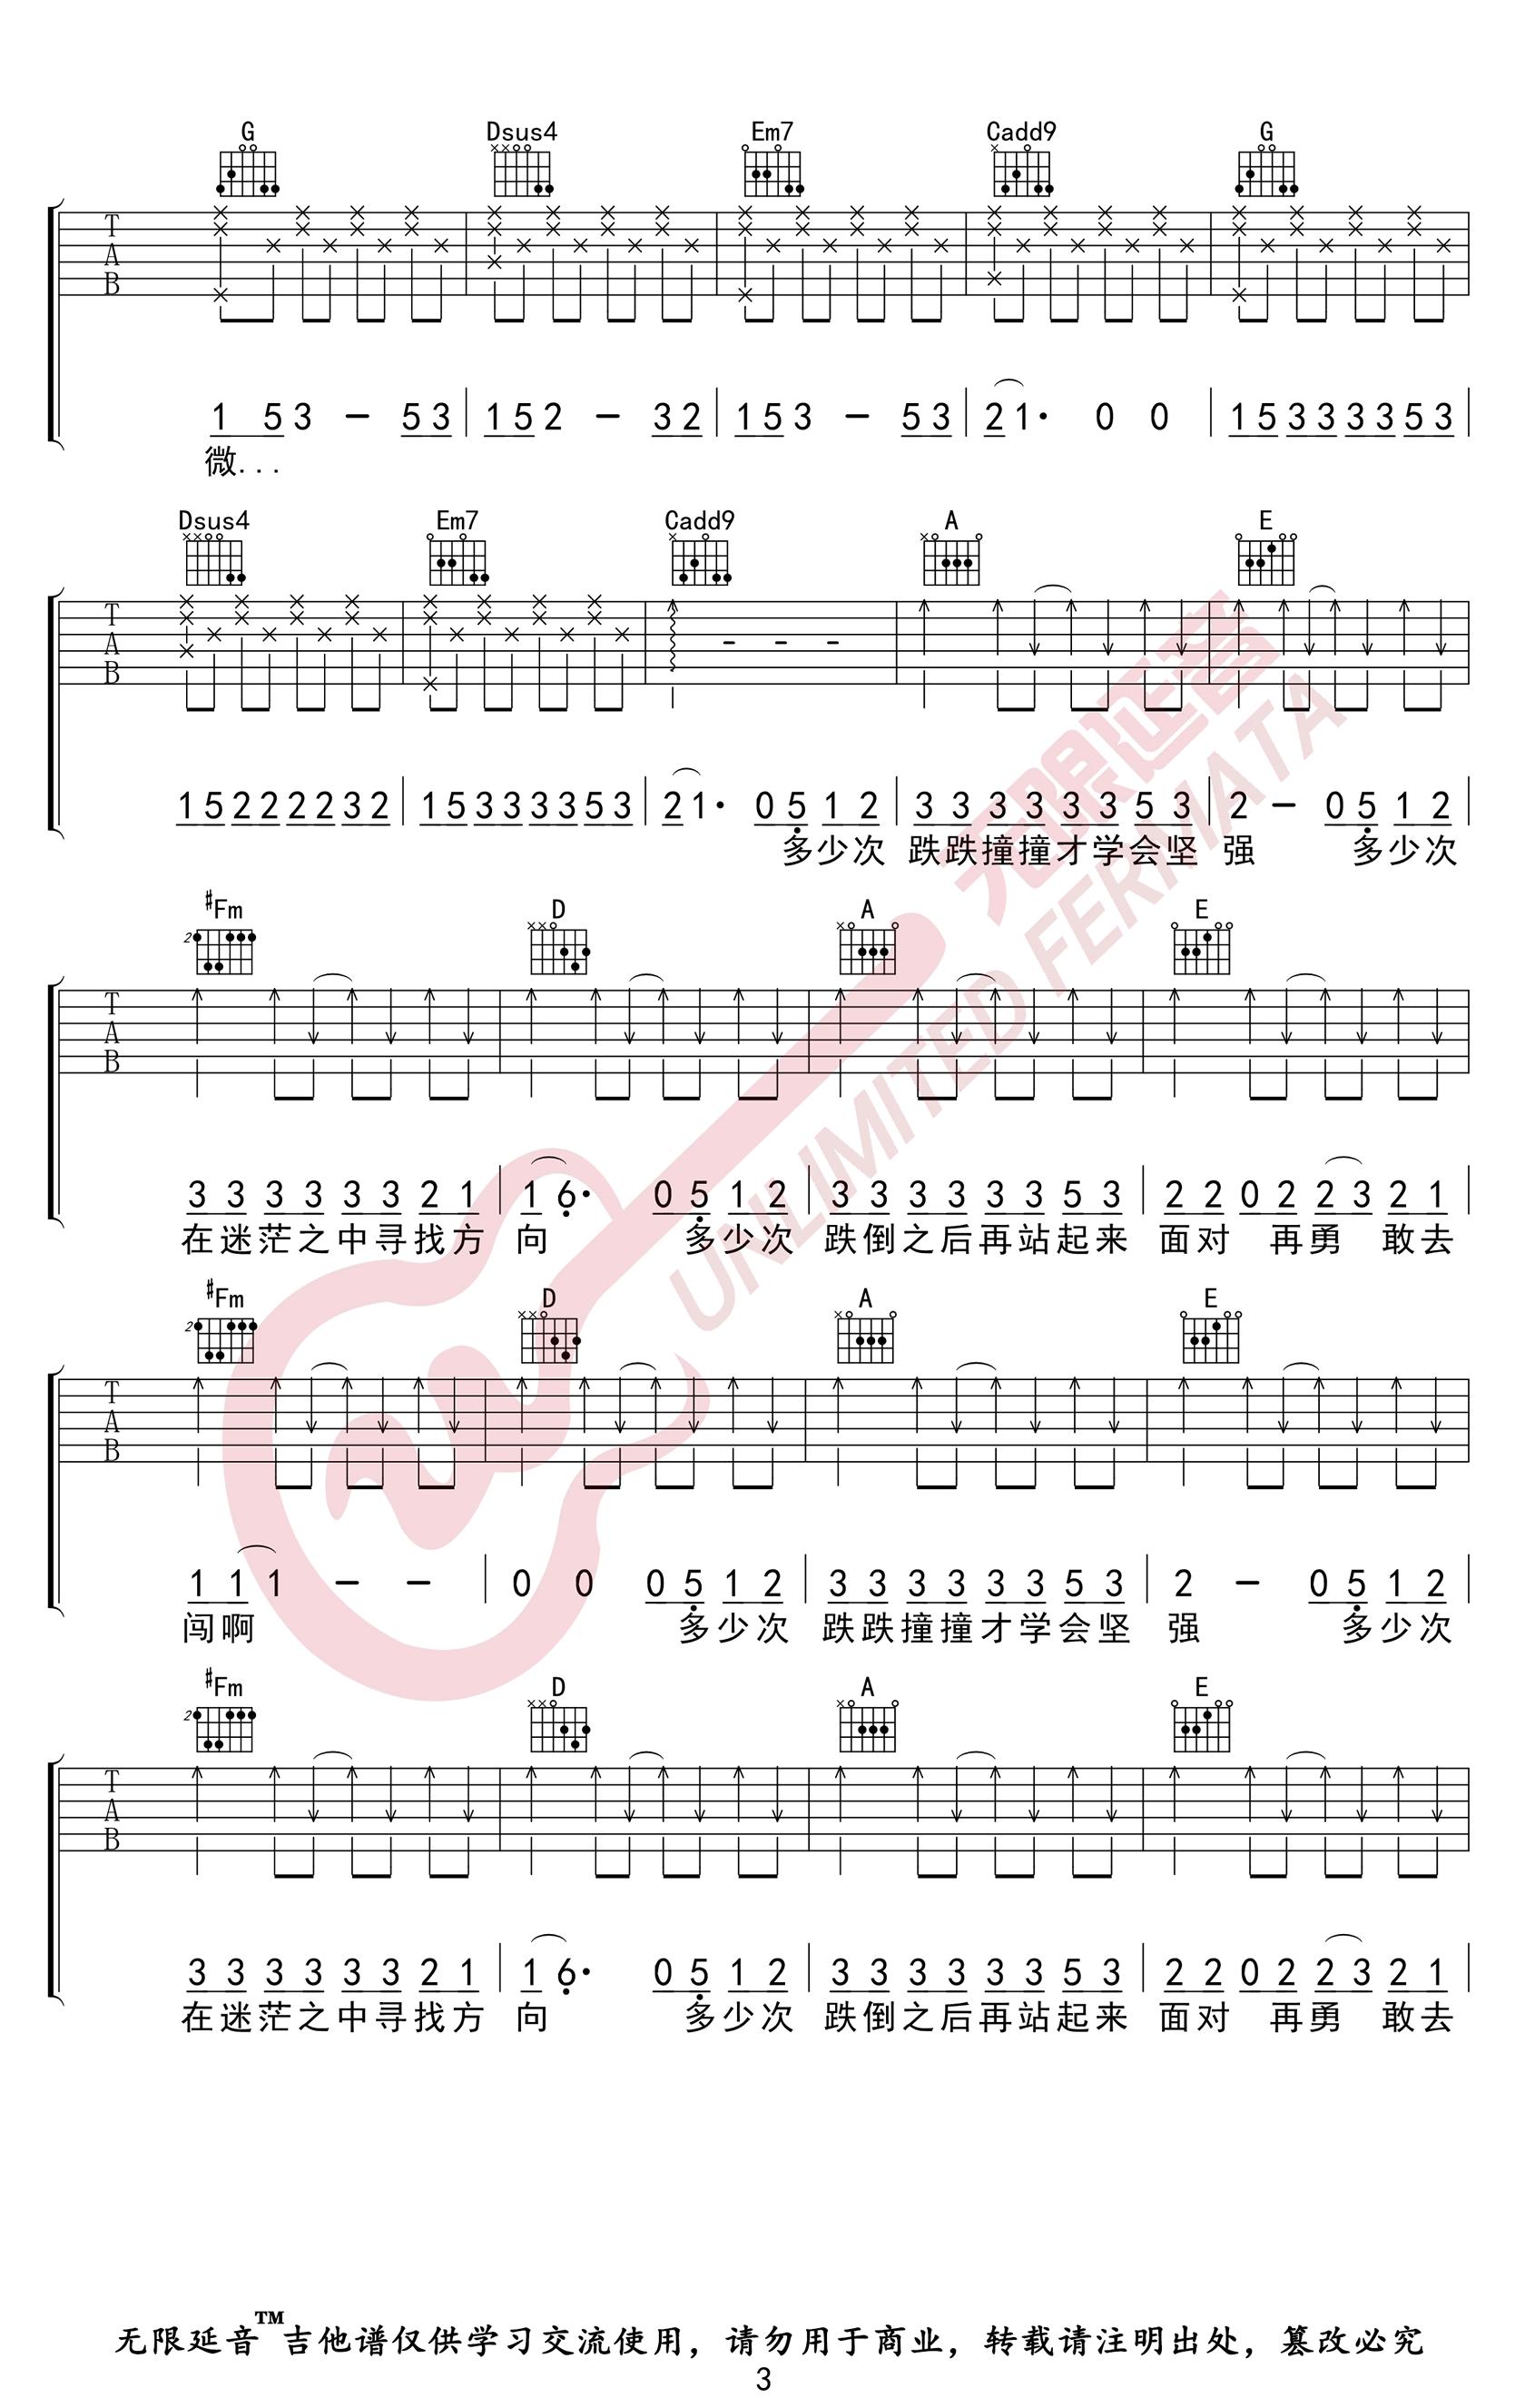 微微吉他谱_傅如乔_《微微》G调弹唱六线谱_高清图片谱3